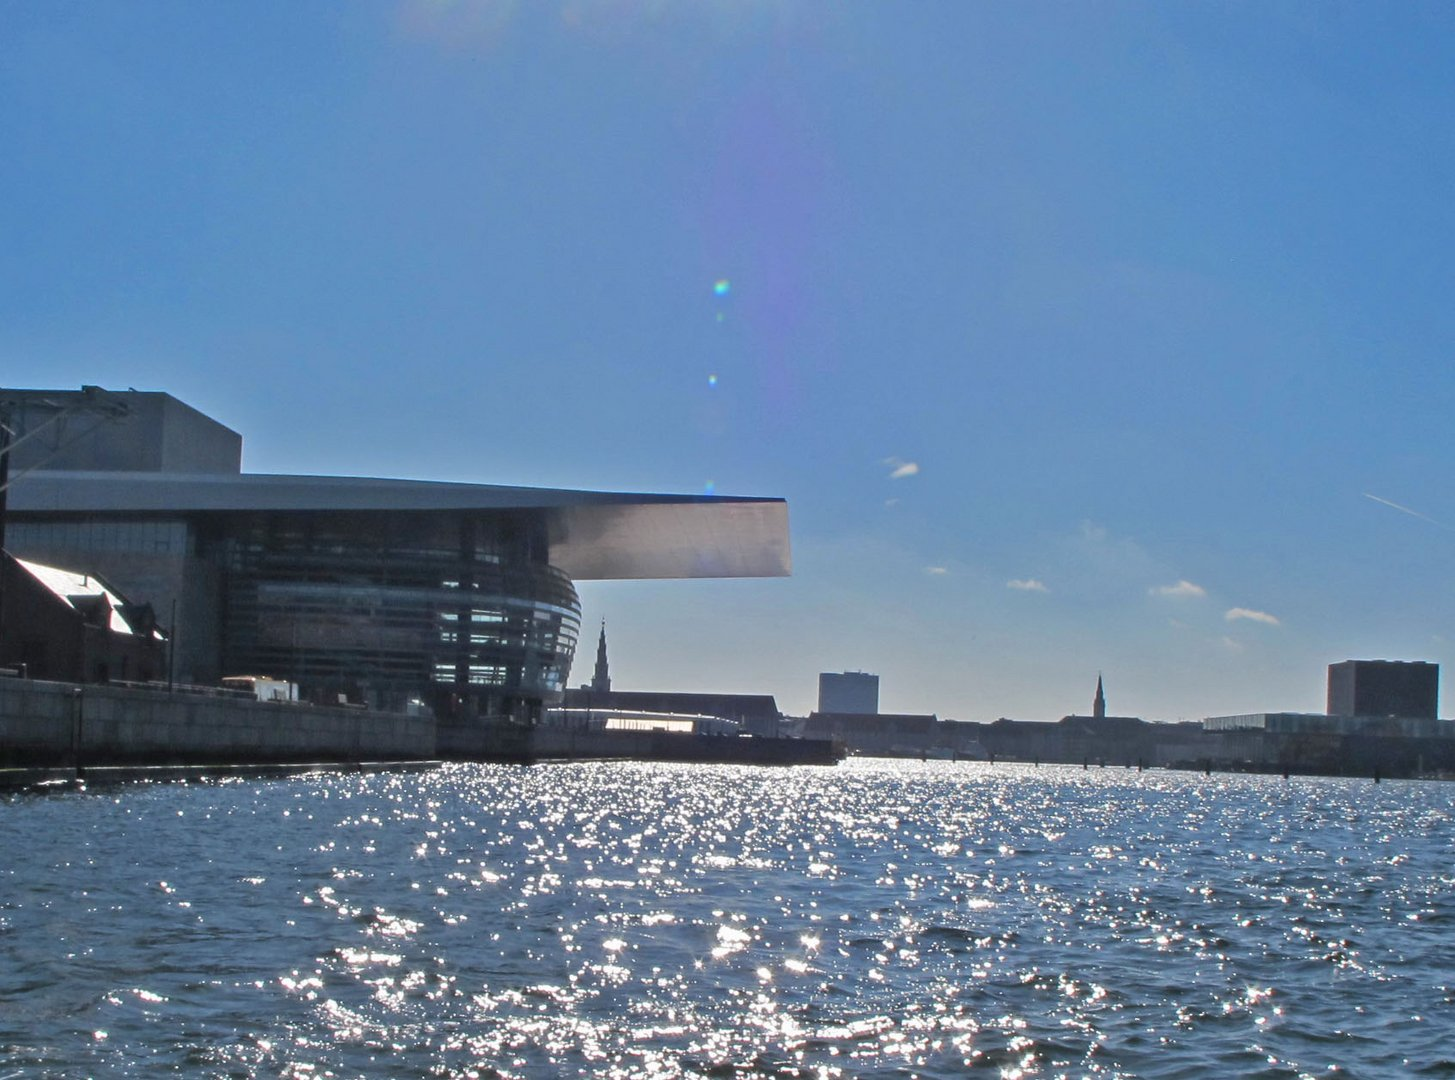 Die Oper auf der Insel Holmen in Kopenhagen.